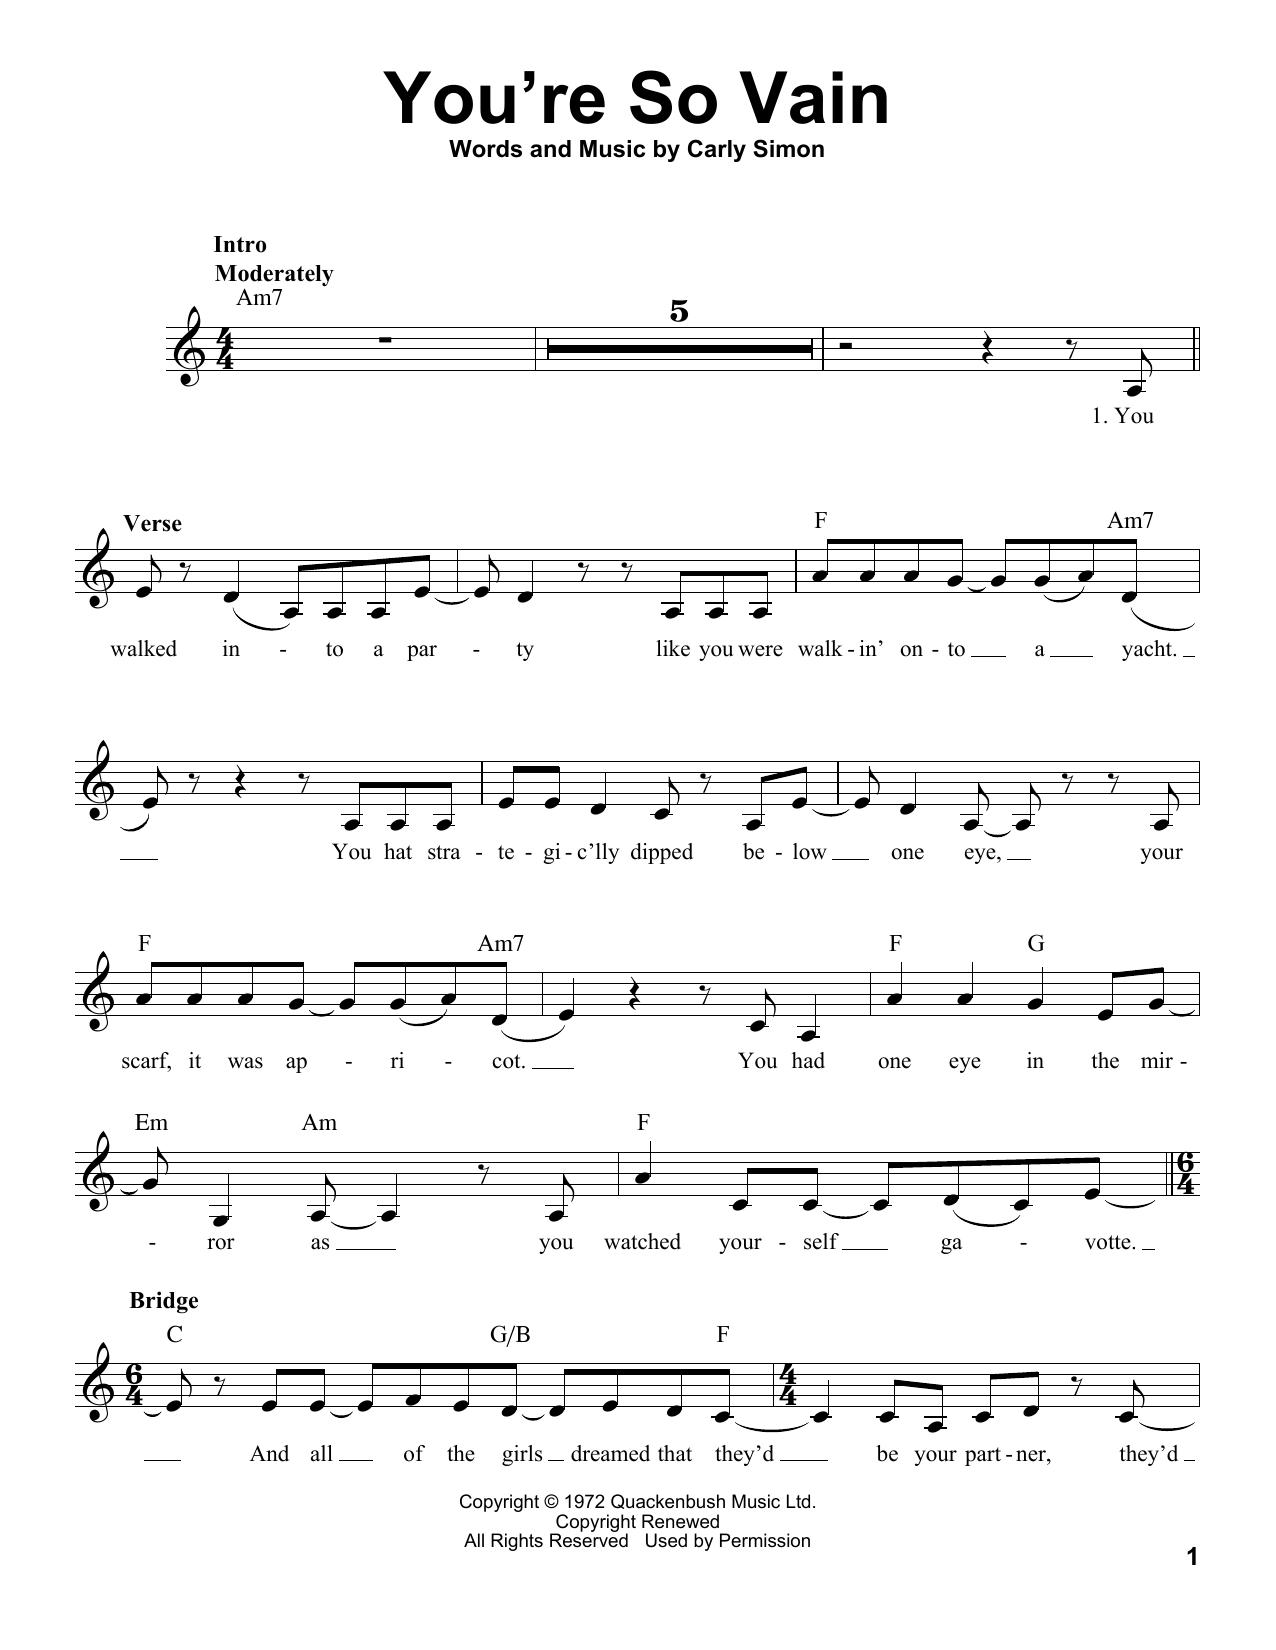 You're So Vain Sheet Music